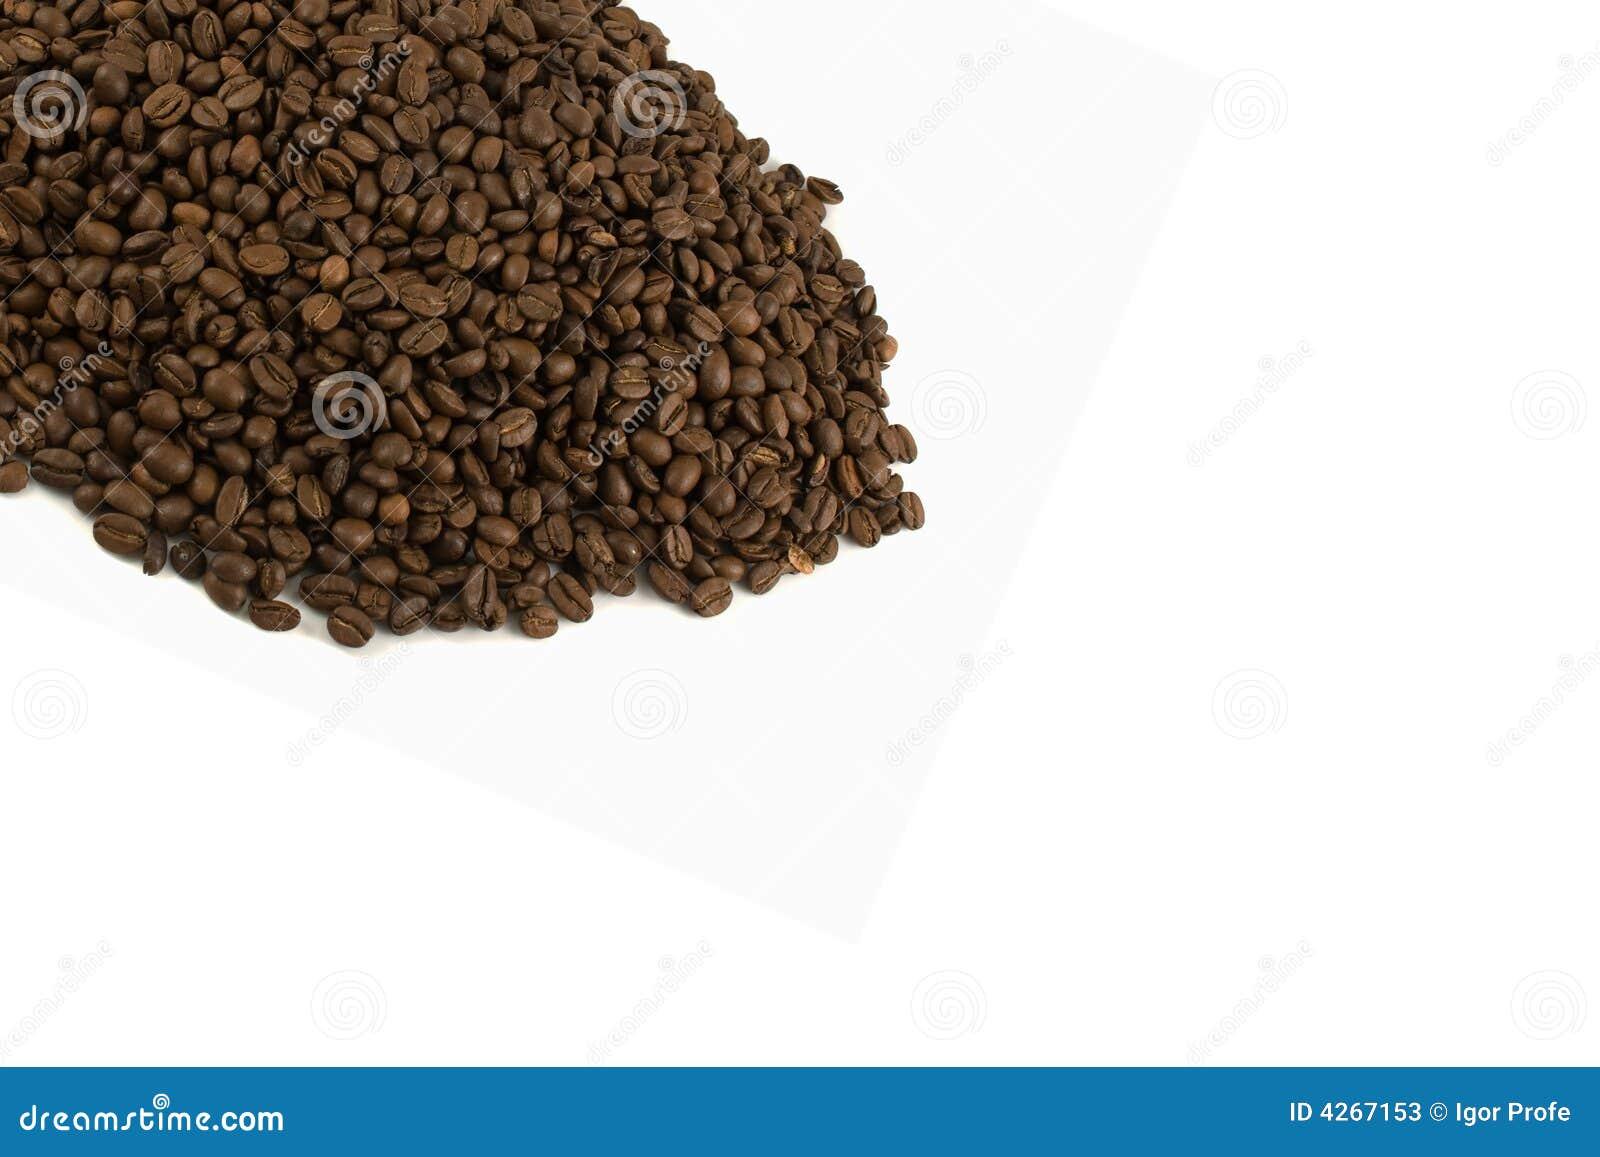 Isolerad mall för bönor kaffe